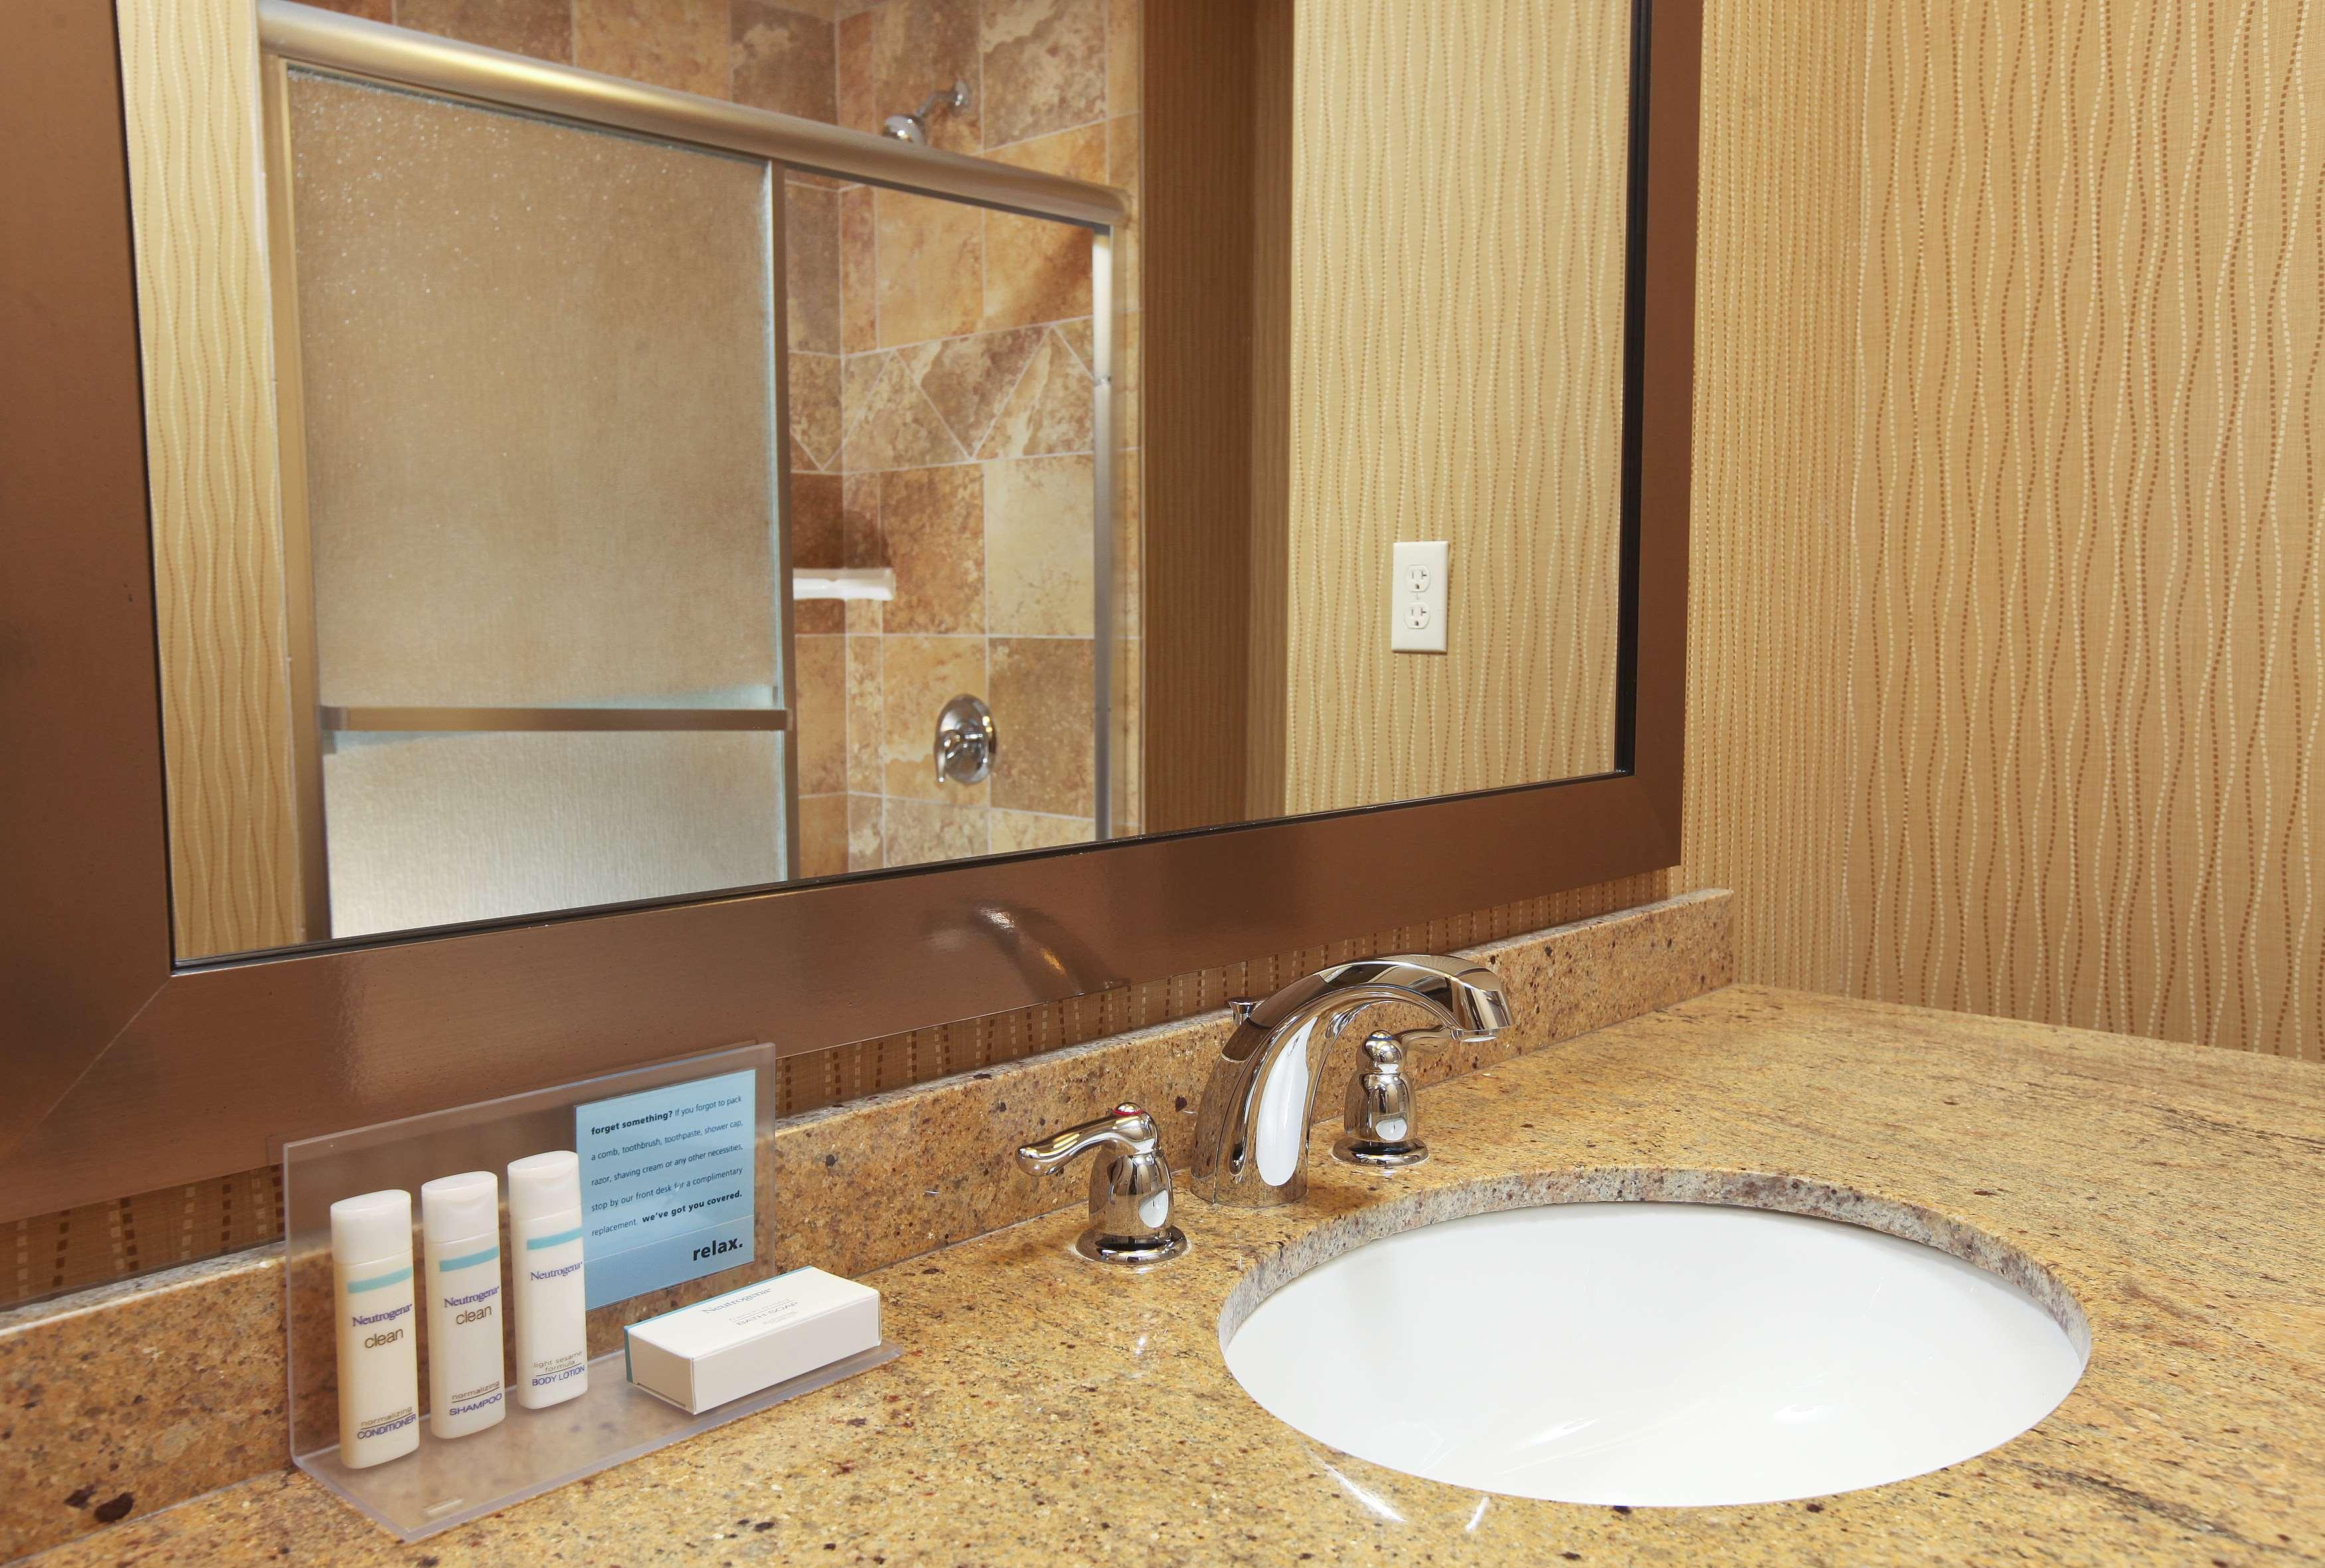 Hampton Inn & Suites Fargo image 15